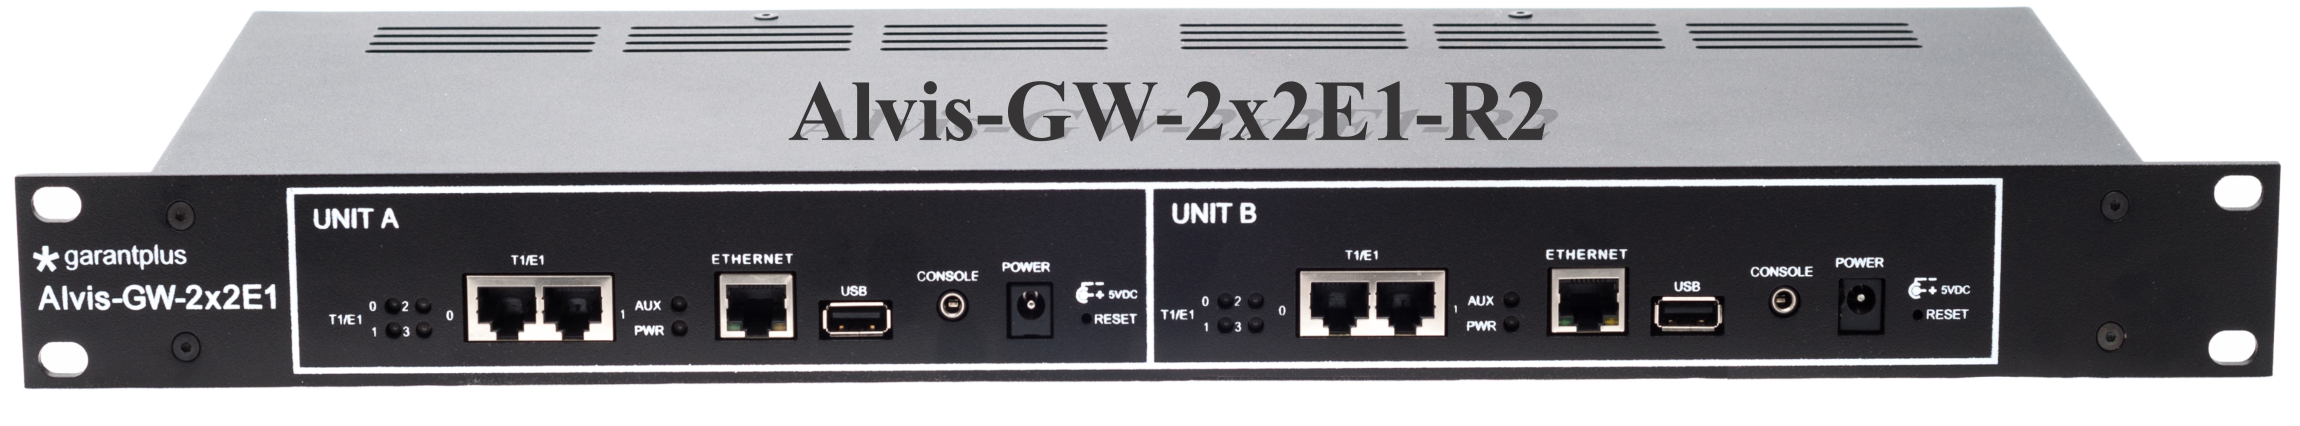 Alvis-GW-2E1-R2